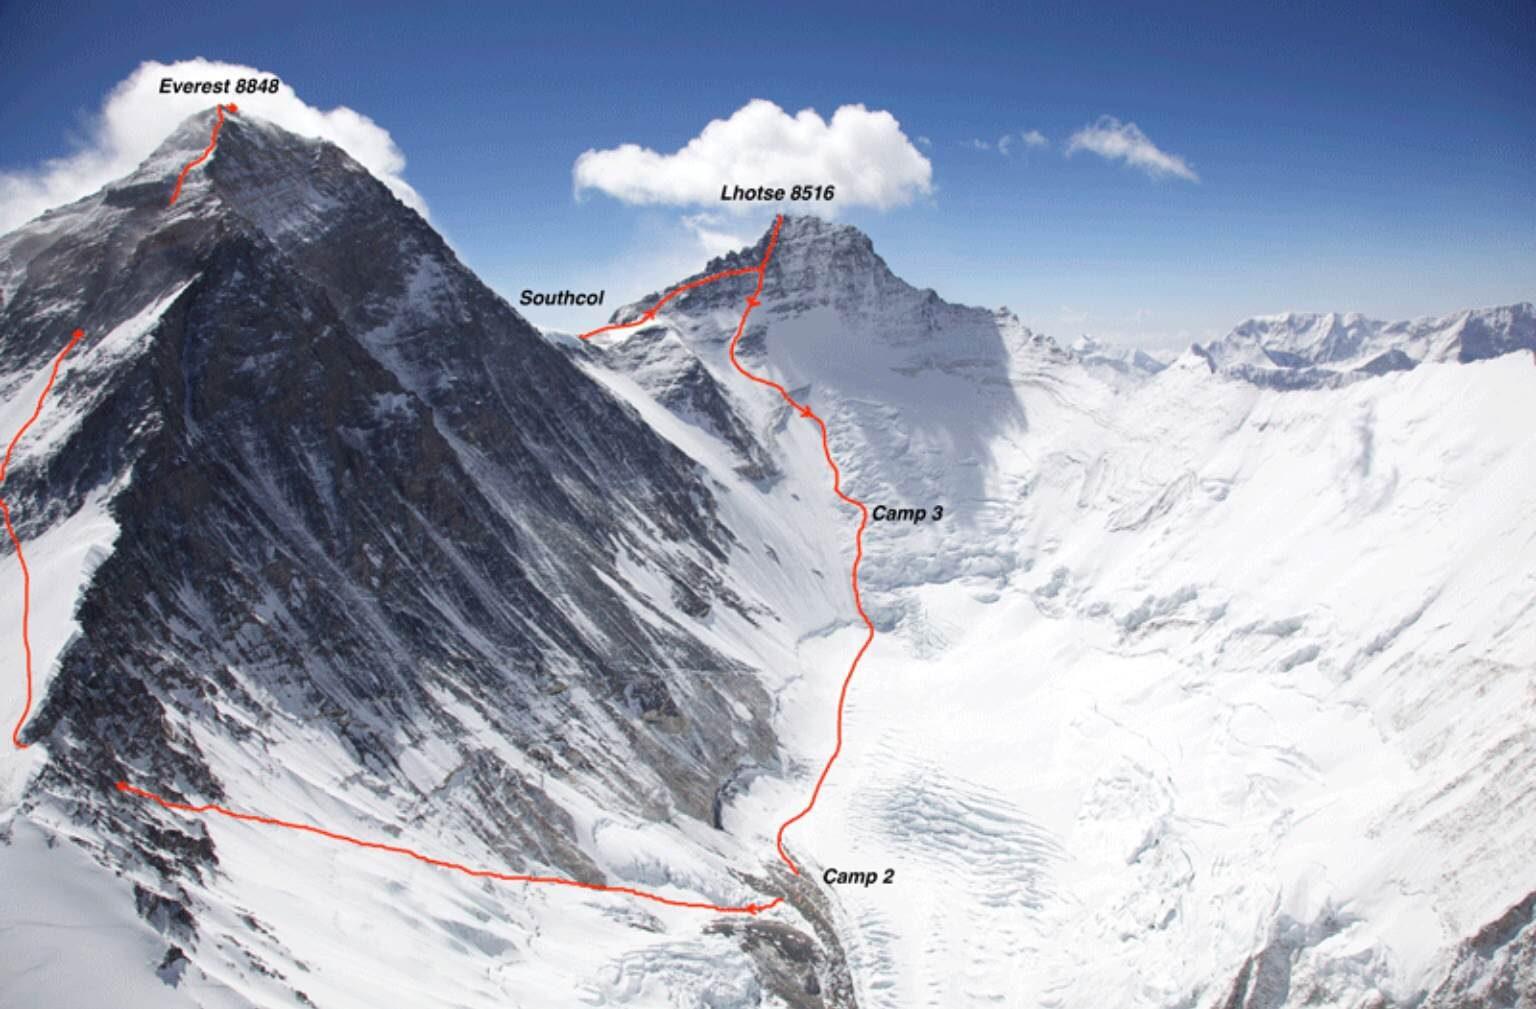 Morto sull'Everest l'alpinista svizzero Ueli Steck